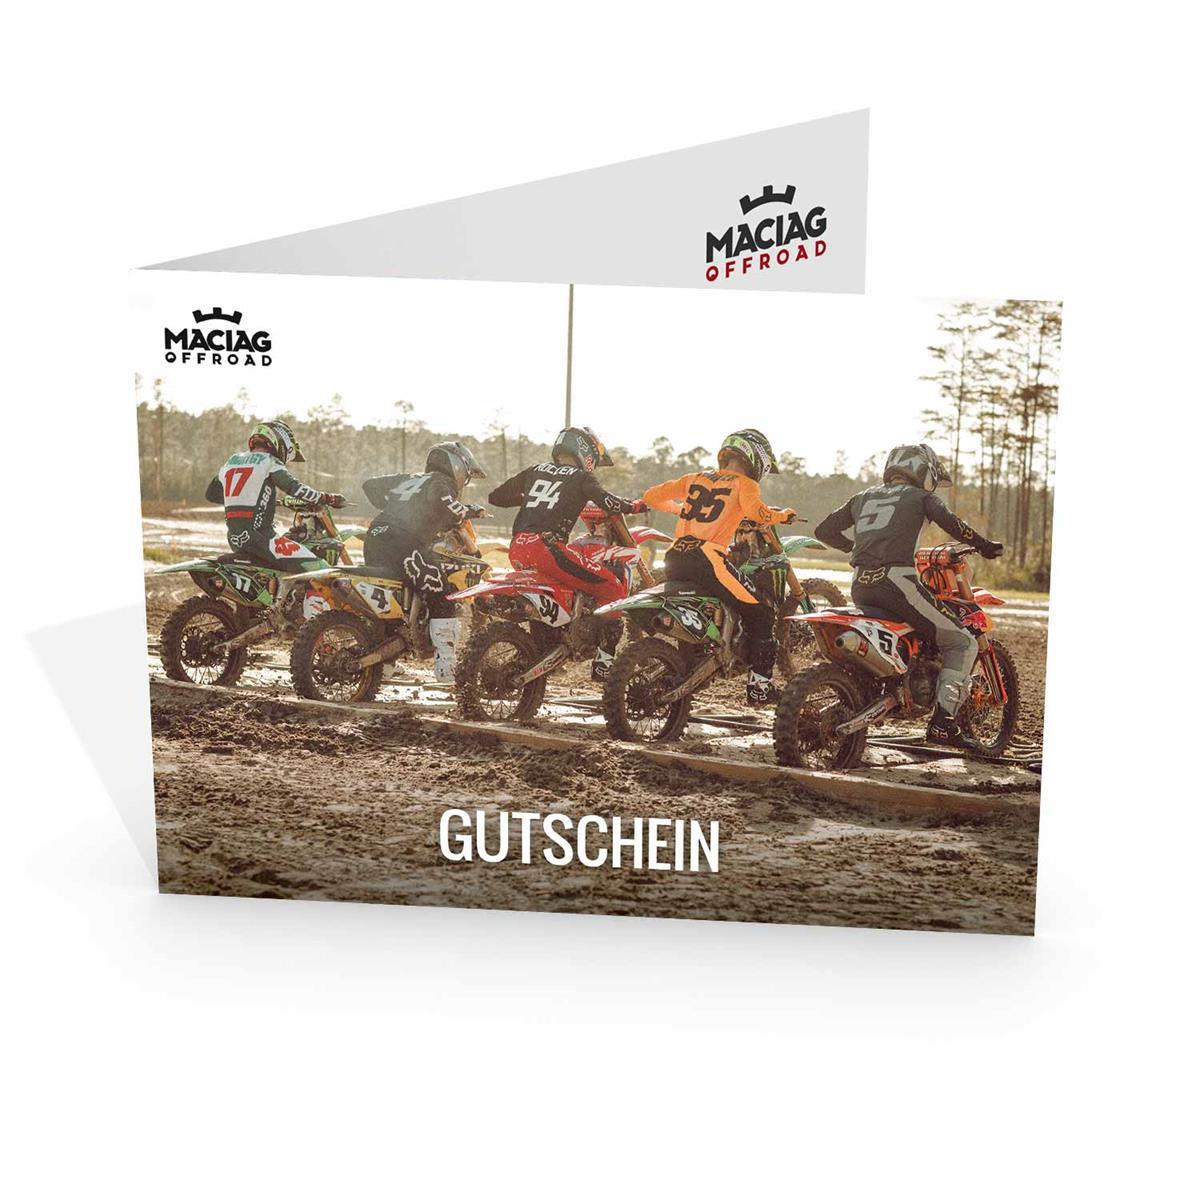 Maciag Offroad Gutschein Motocross-Motiv 2019 im Wert von 75.00 Euro